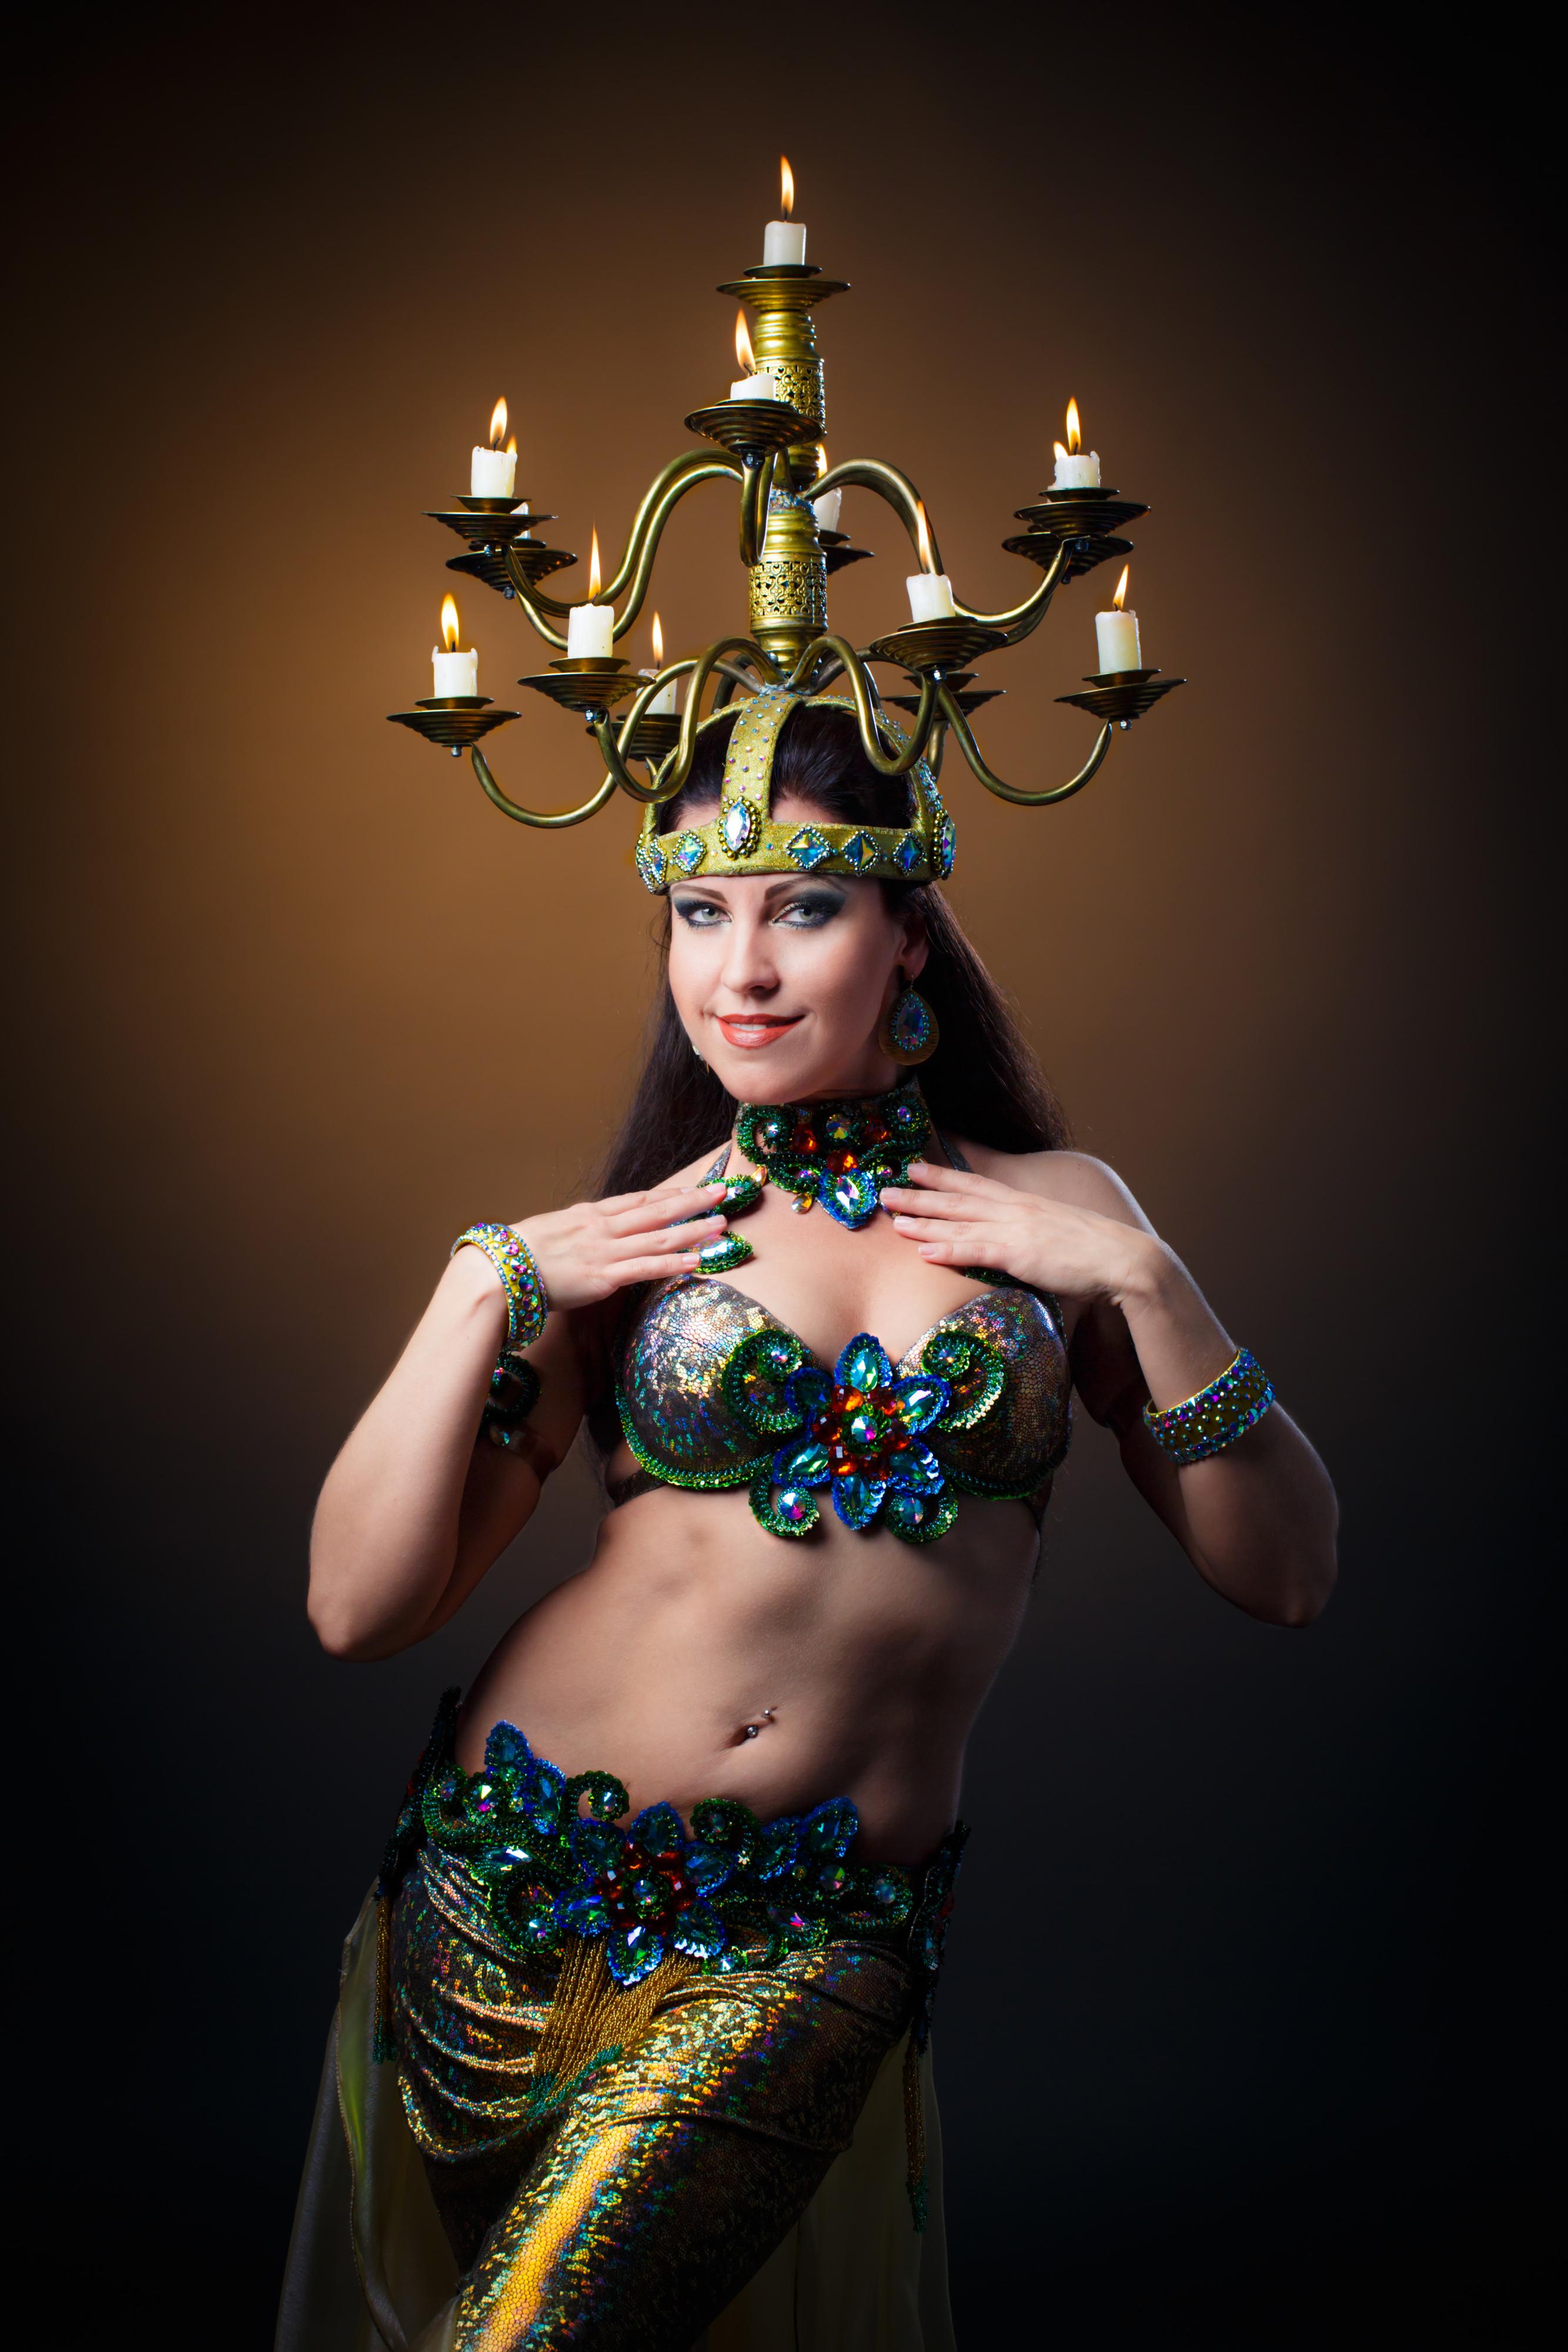 Джун-танцовщица восточных танцев в Самаре